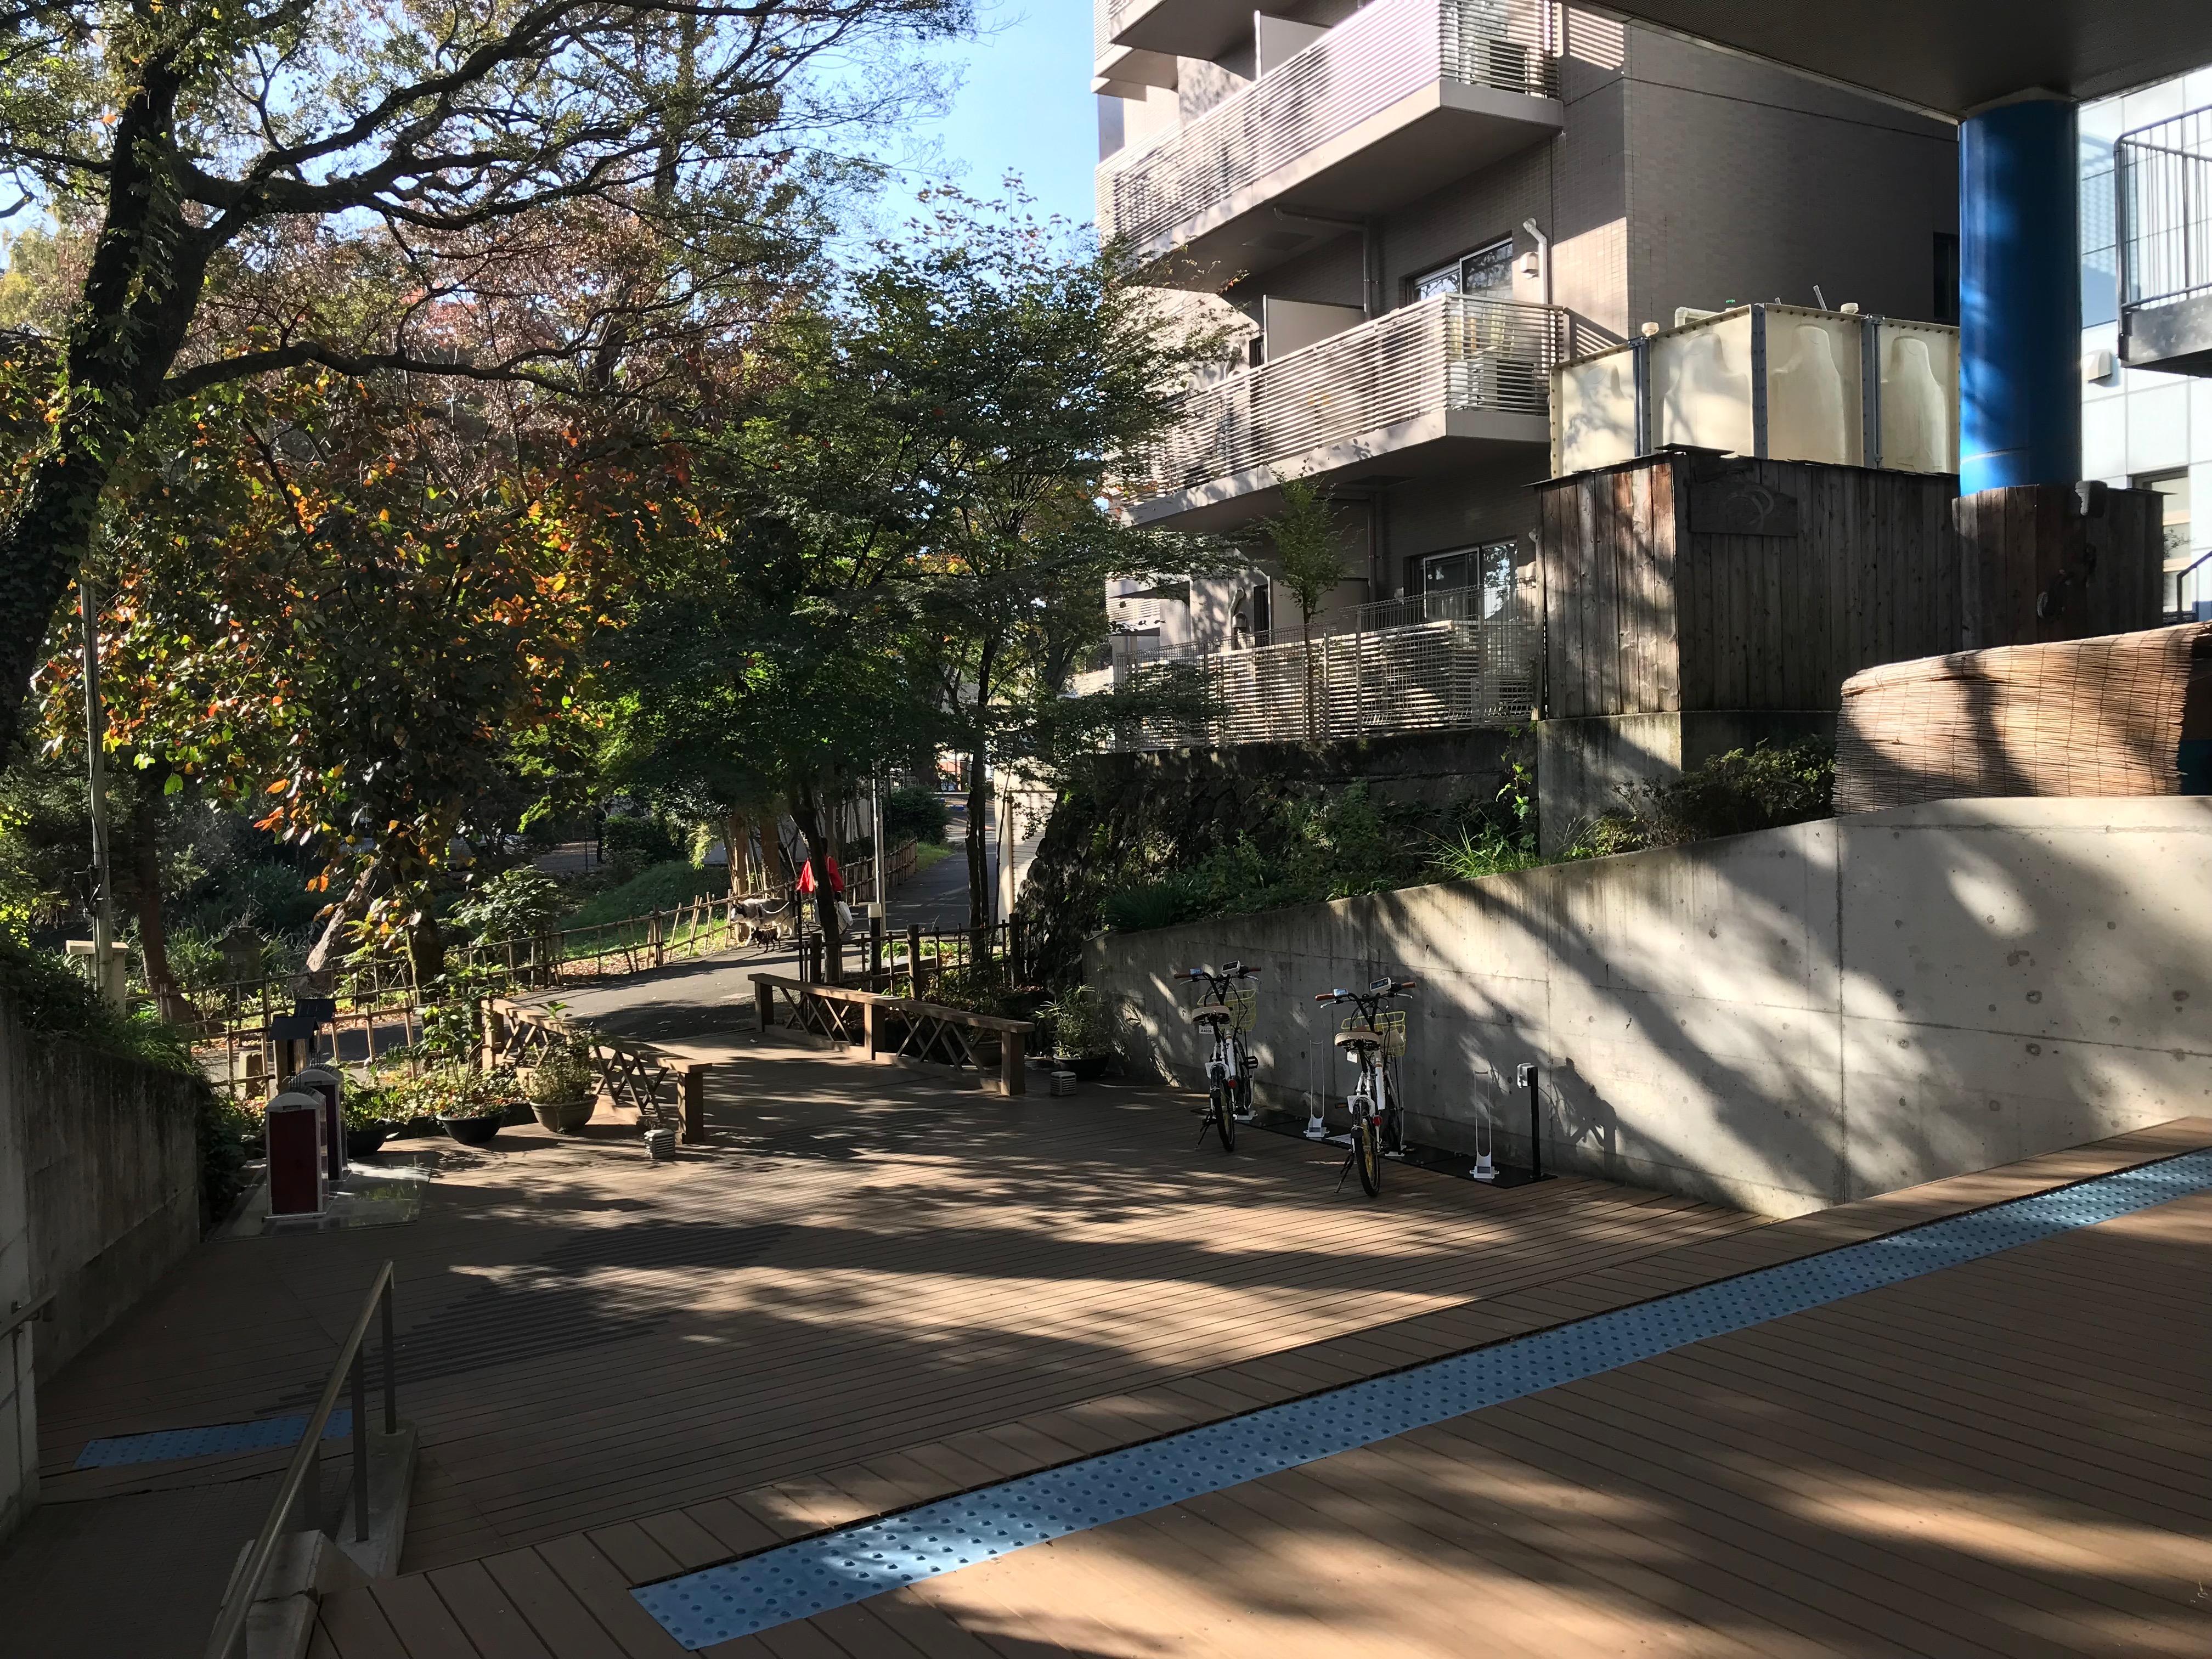 三島商工会議所 南側 (HELLO CYCLING ポート) image